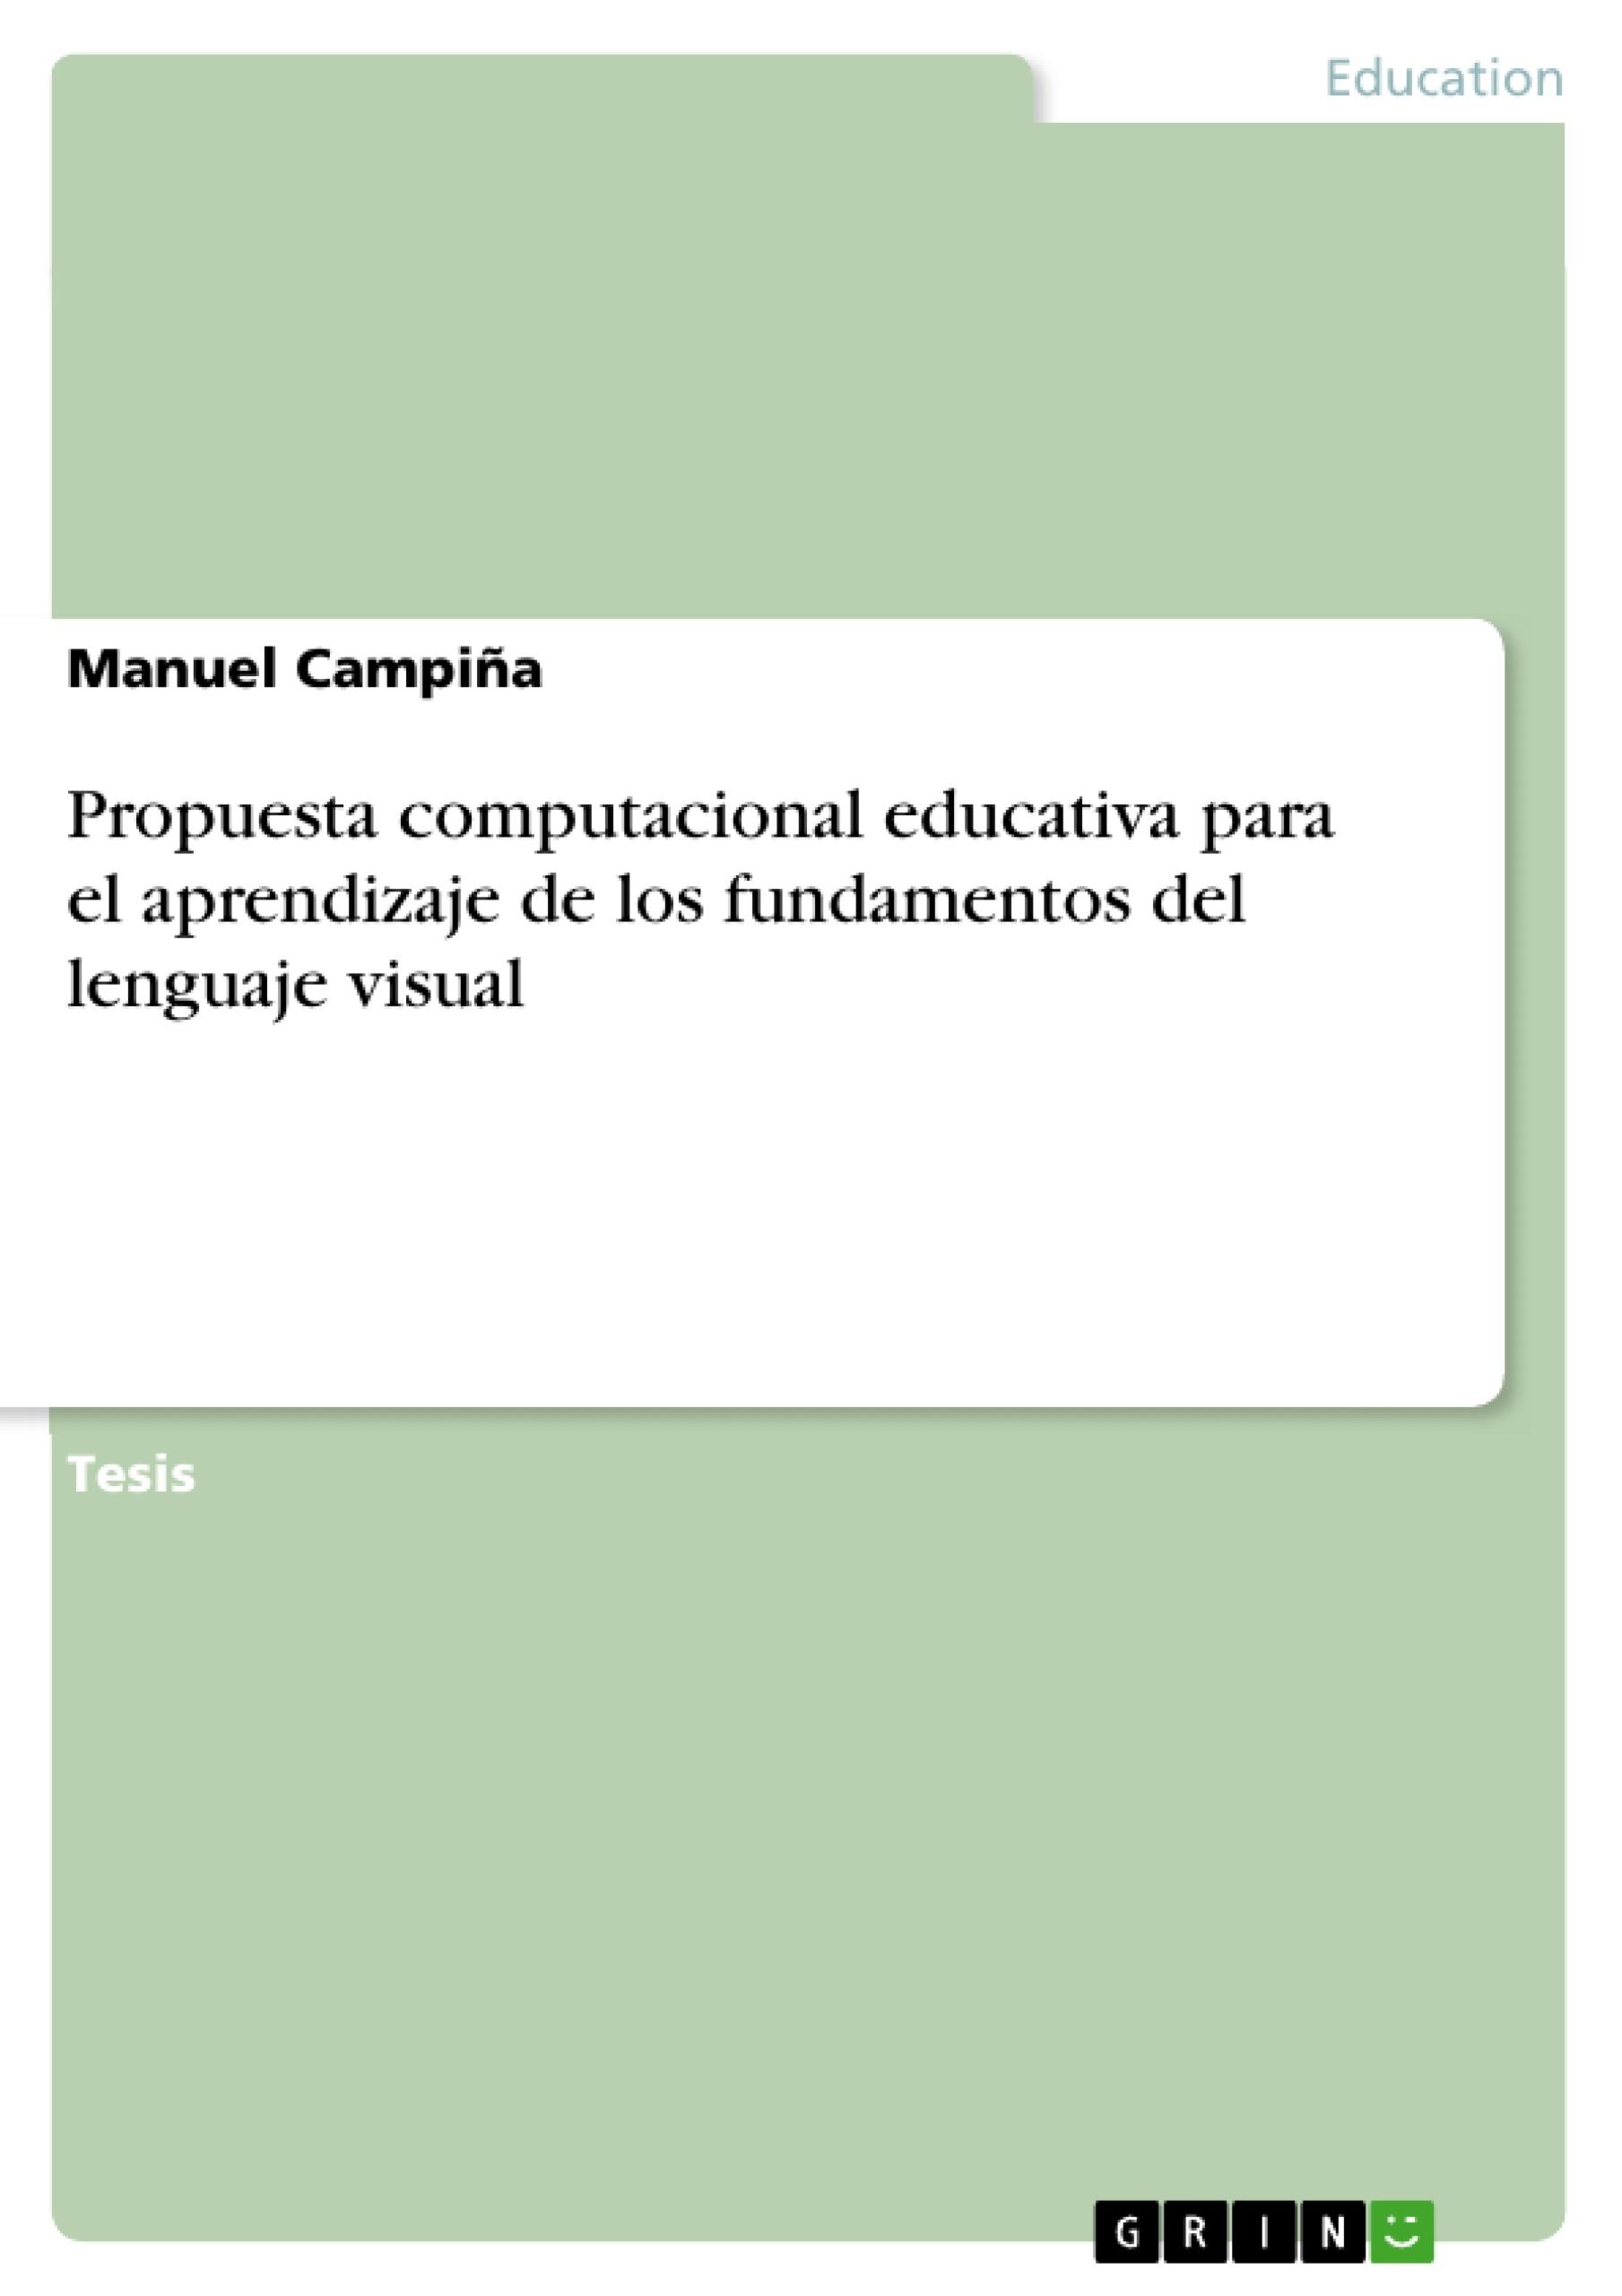 Título: Propuesta computacional educativa para el aprendizaje de los fundamentos del lenguaje visual